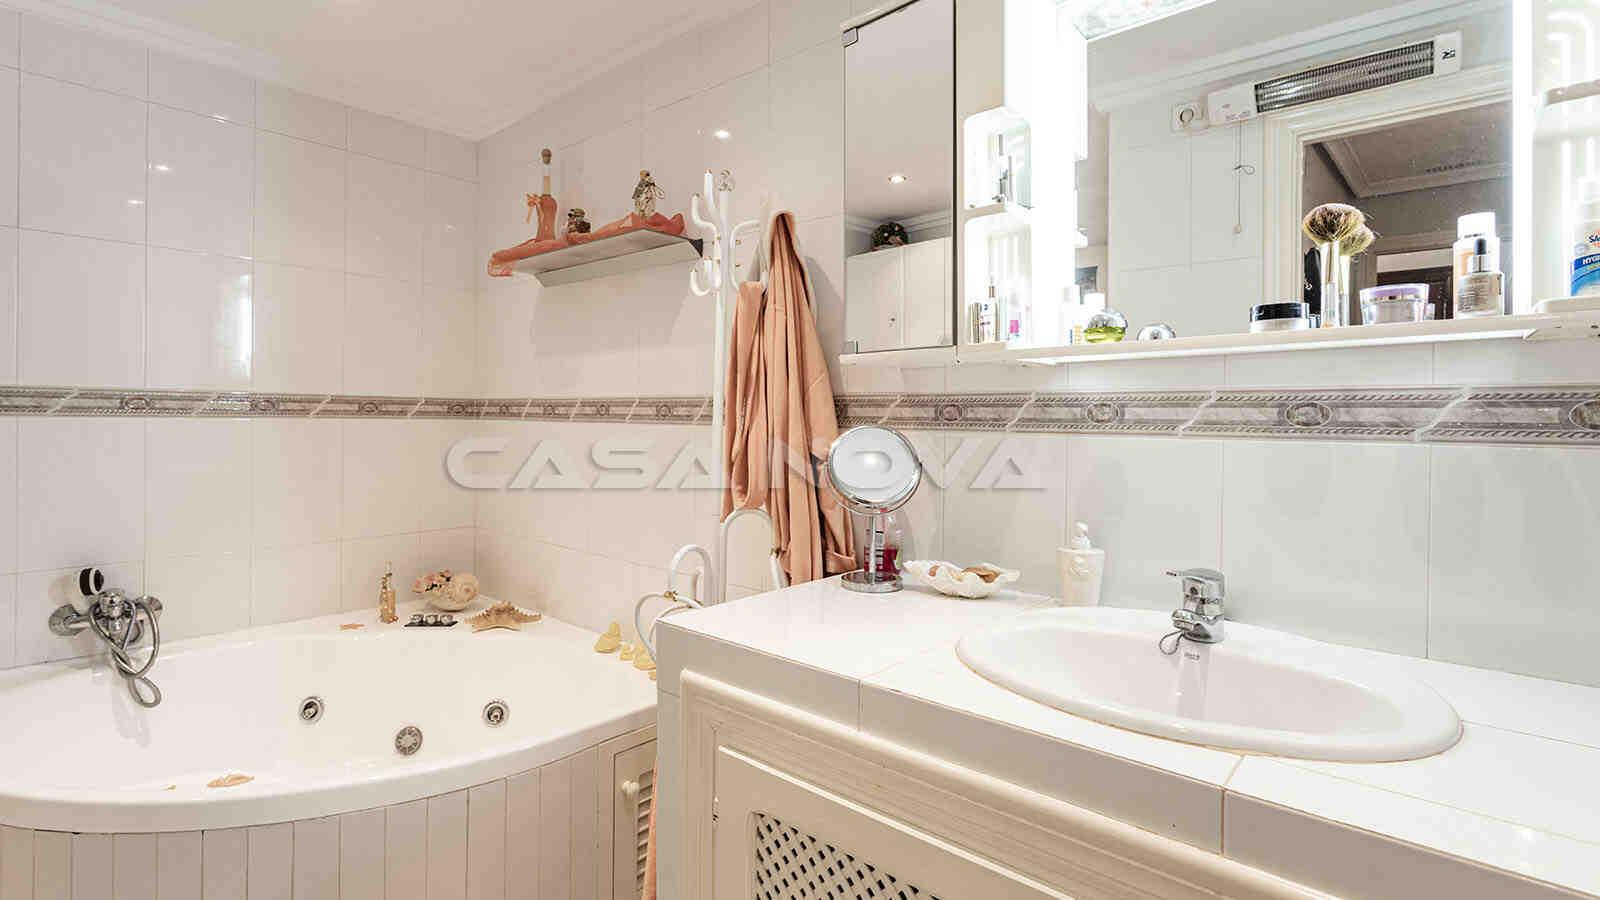 Grosses Badezimmer mit Badewanne